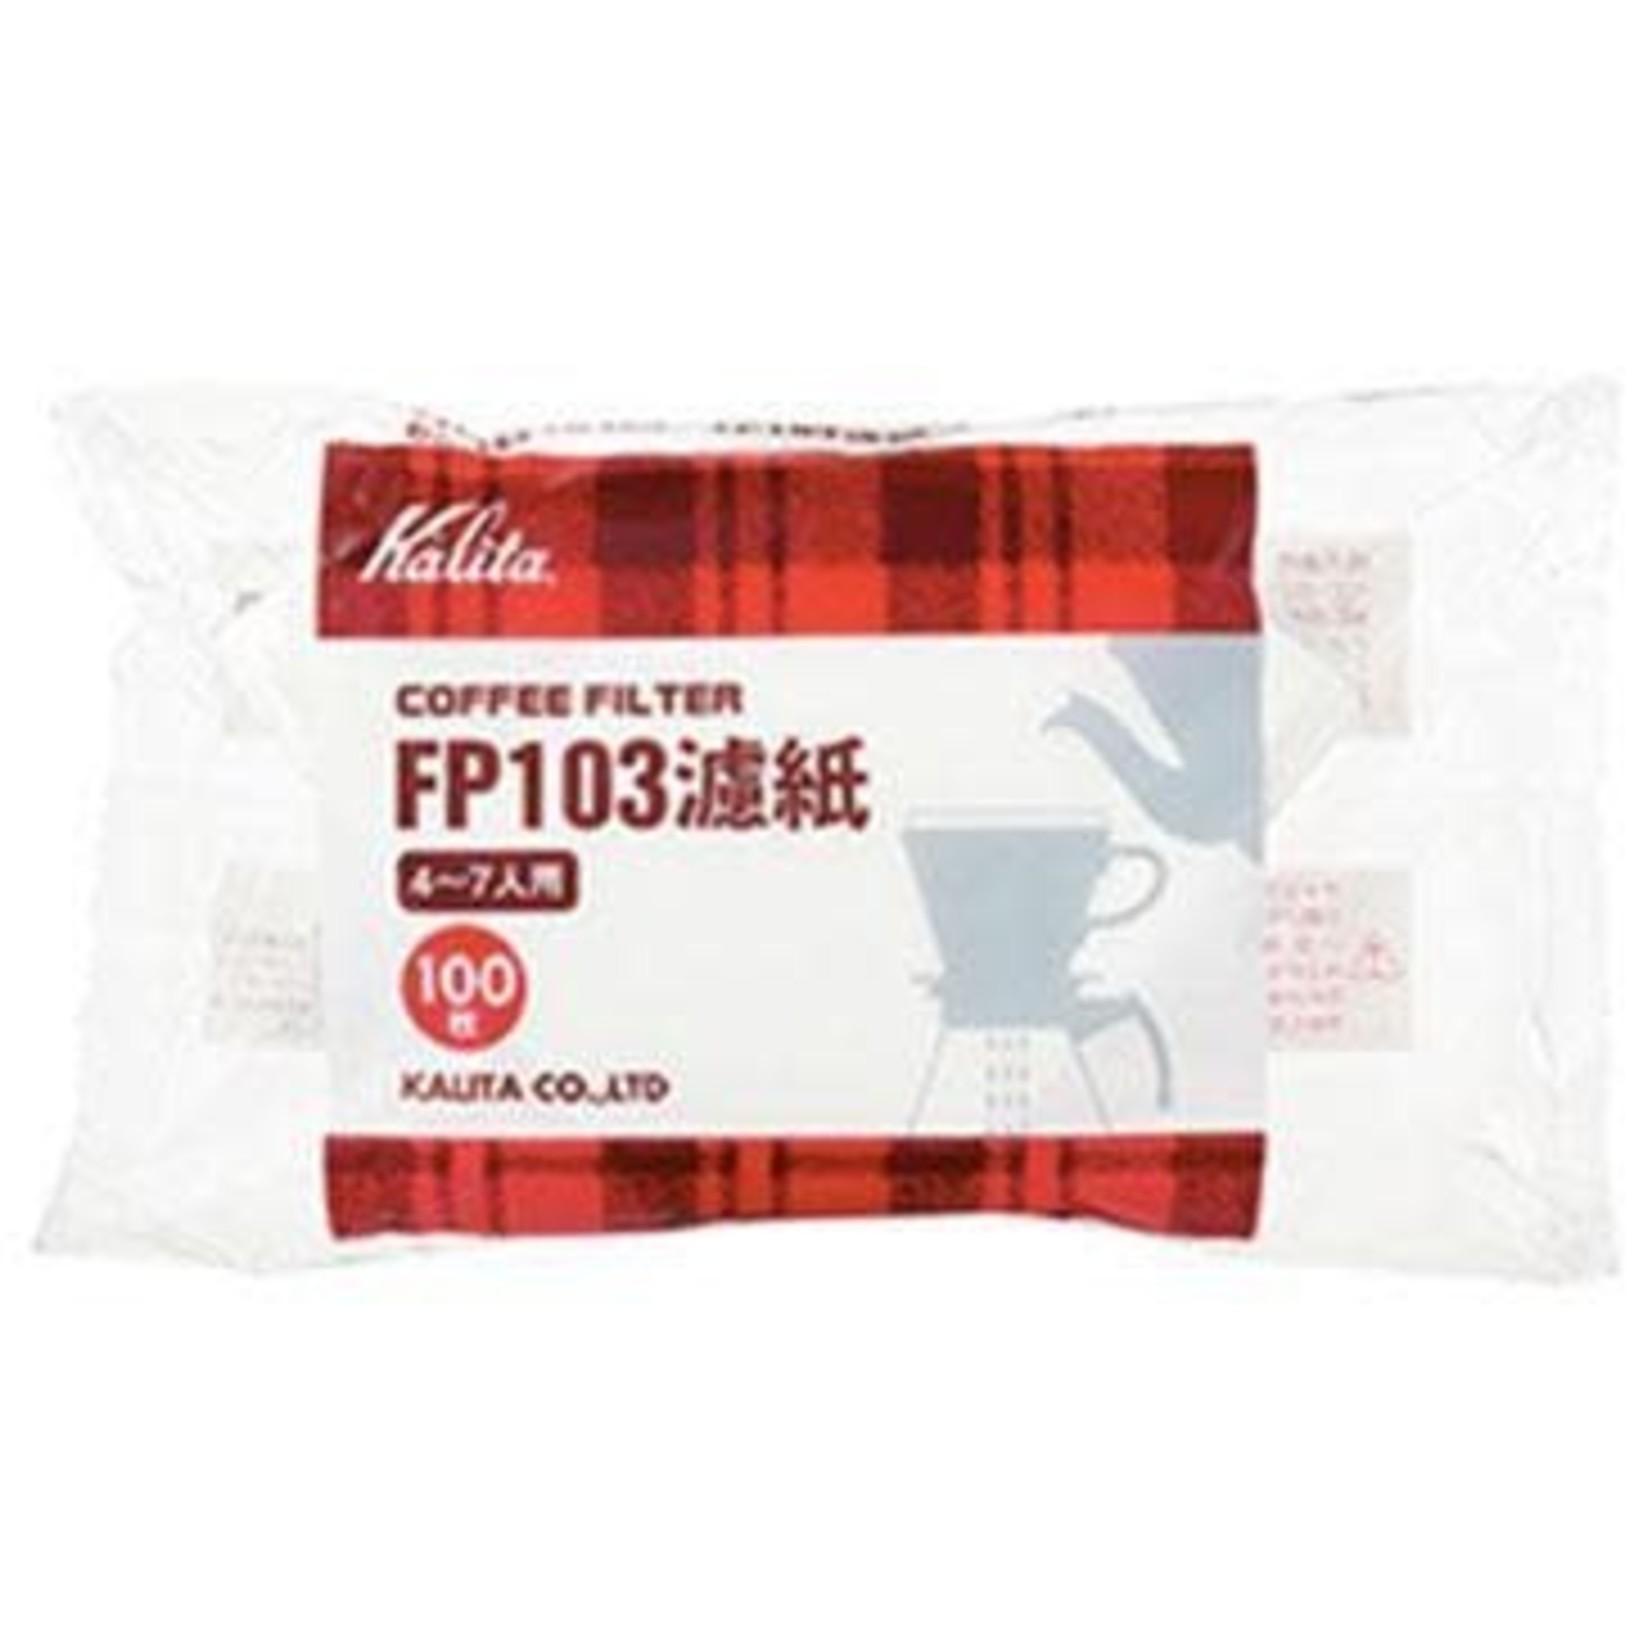 Kalita Kalita Paper Coffee Filters #4 (100)